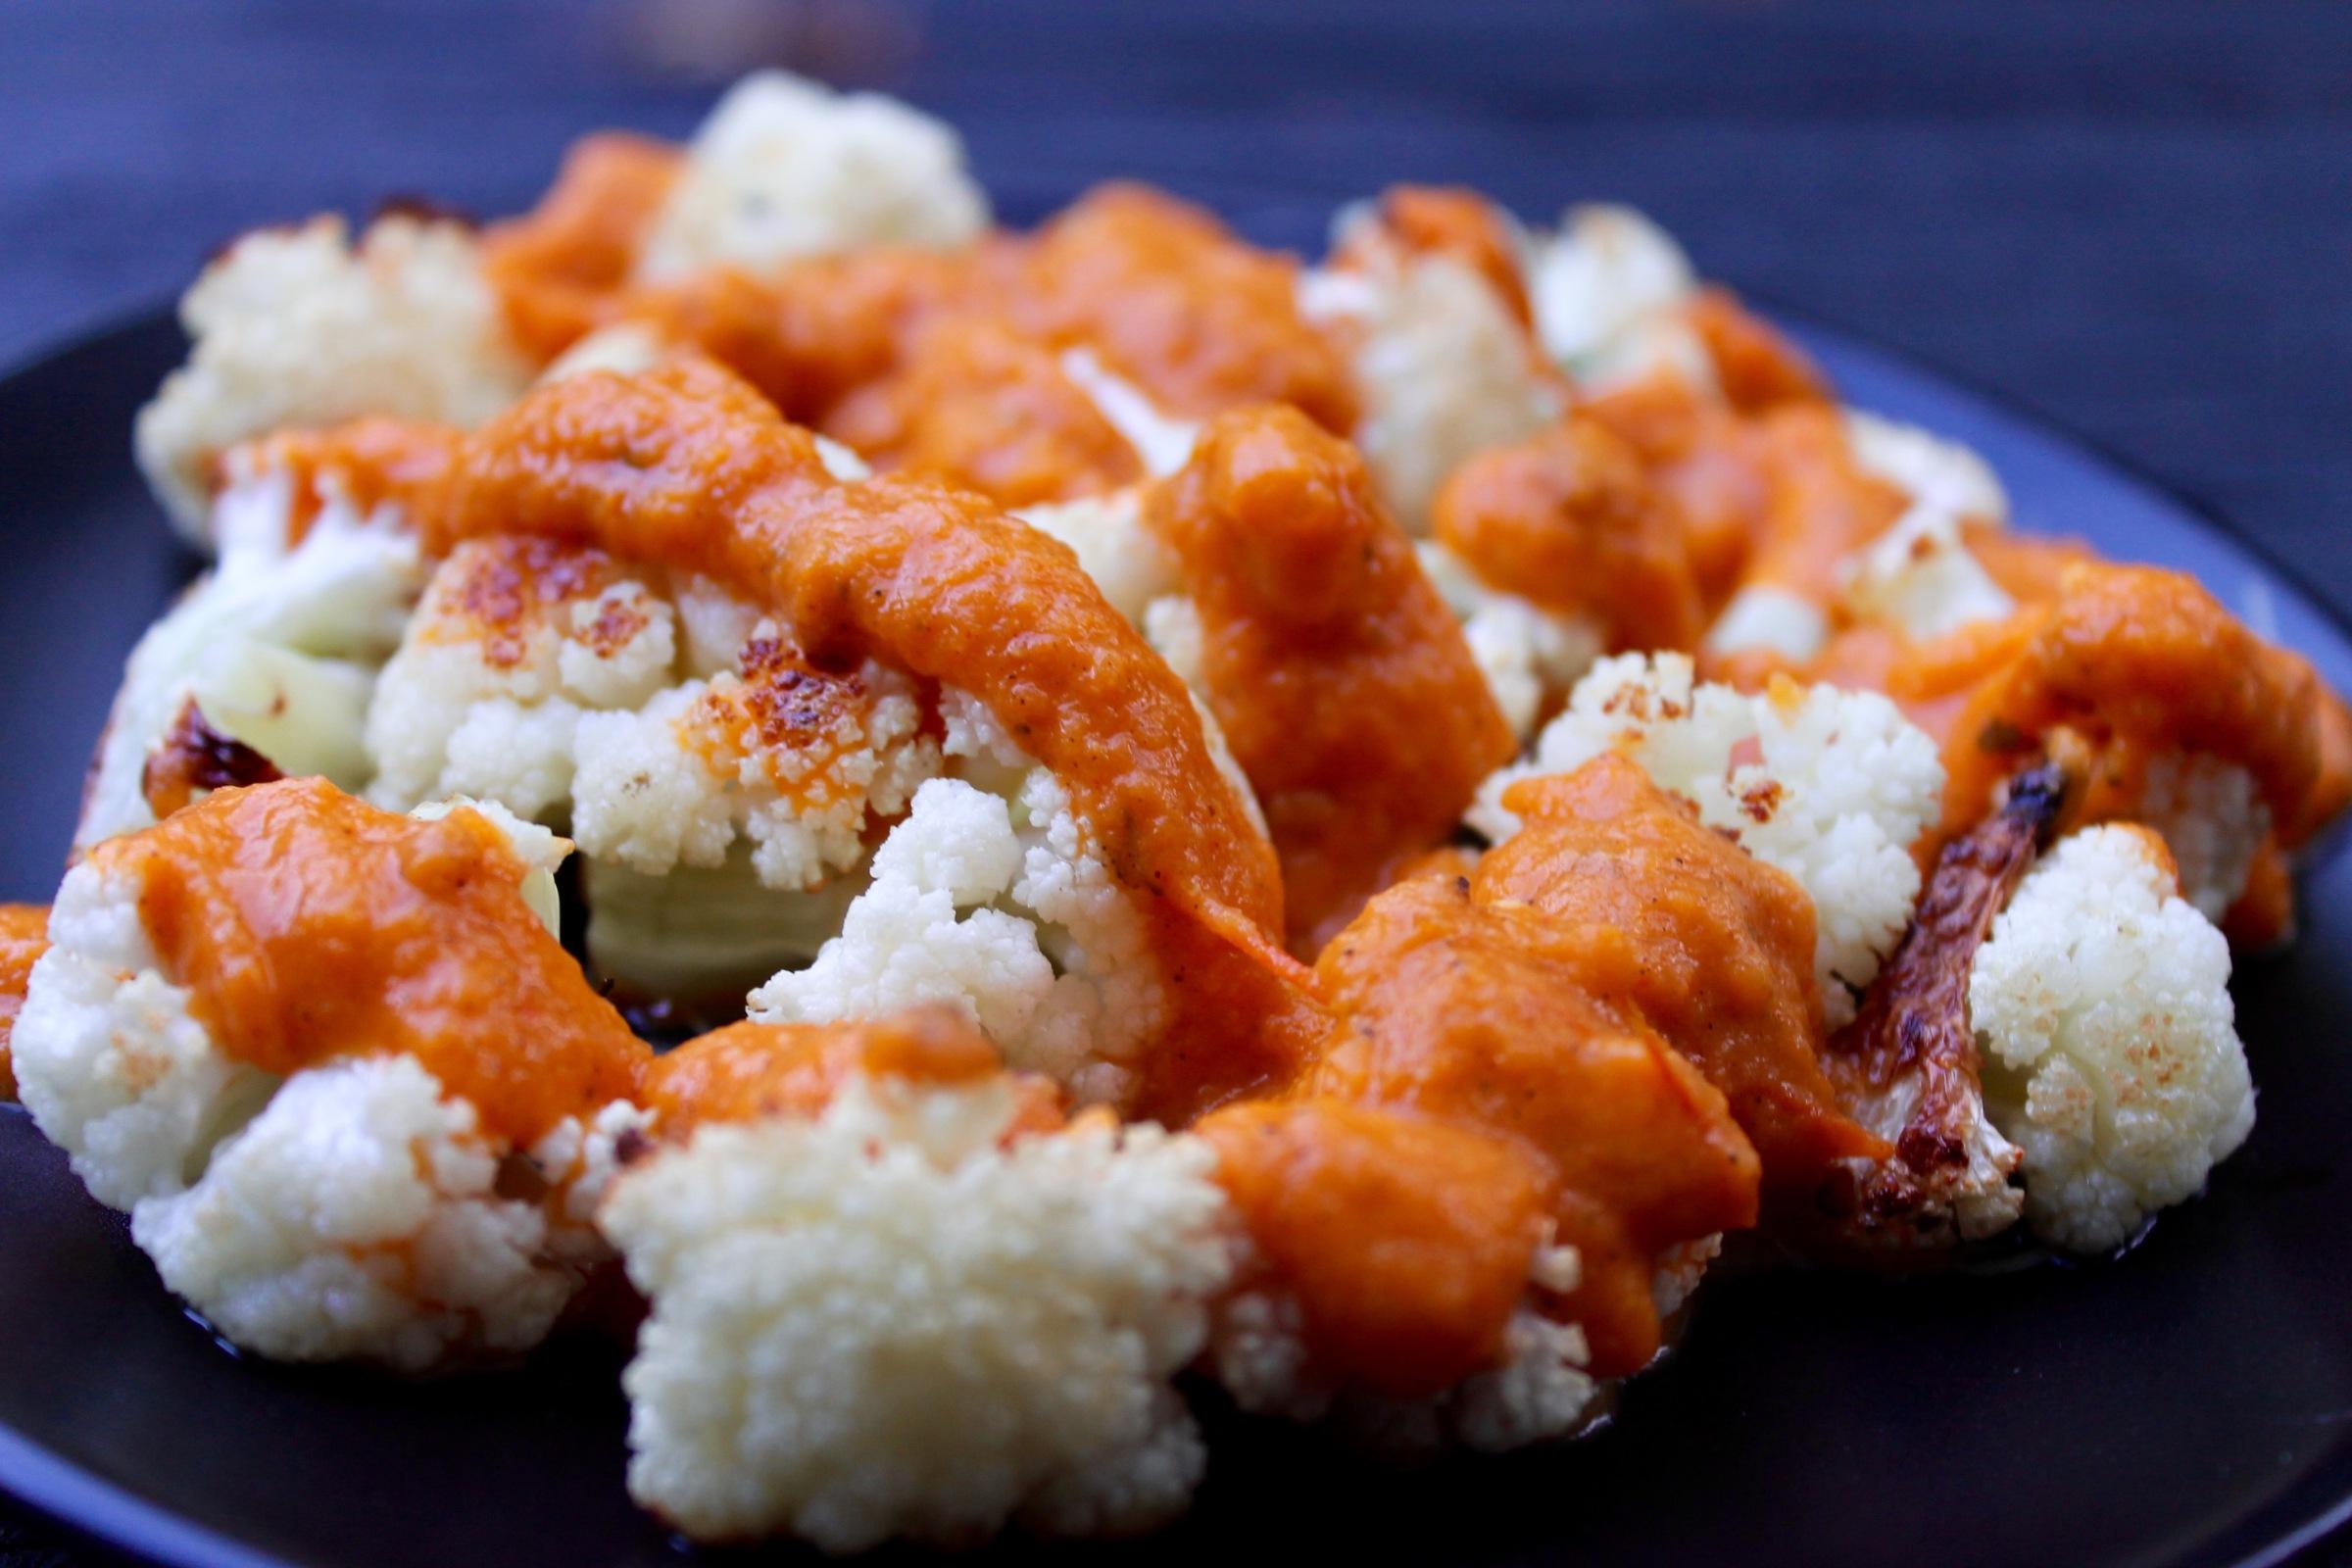 Saucy Roasted Cauliflower | Vegan Butter Chicken cauliflower